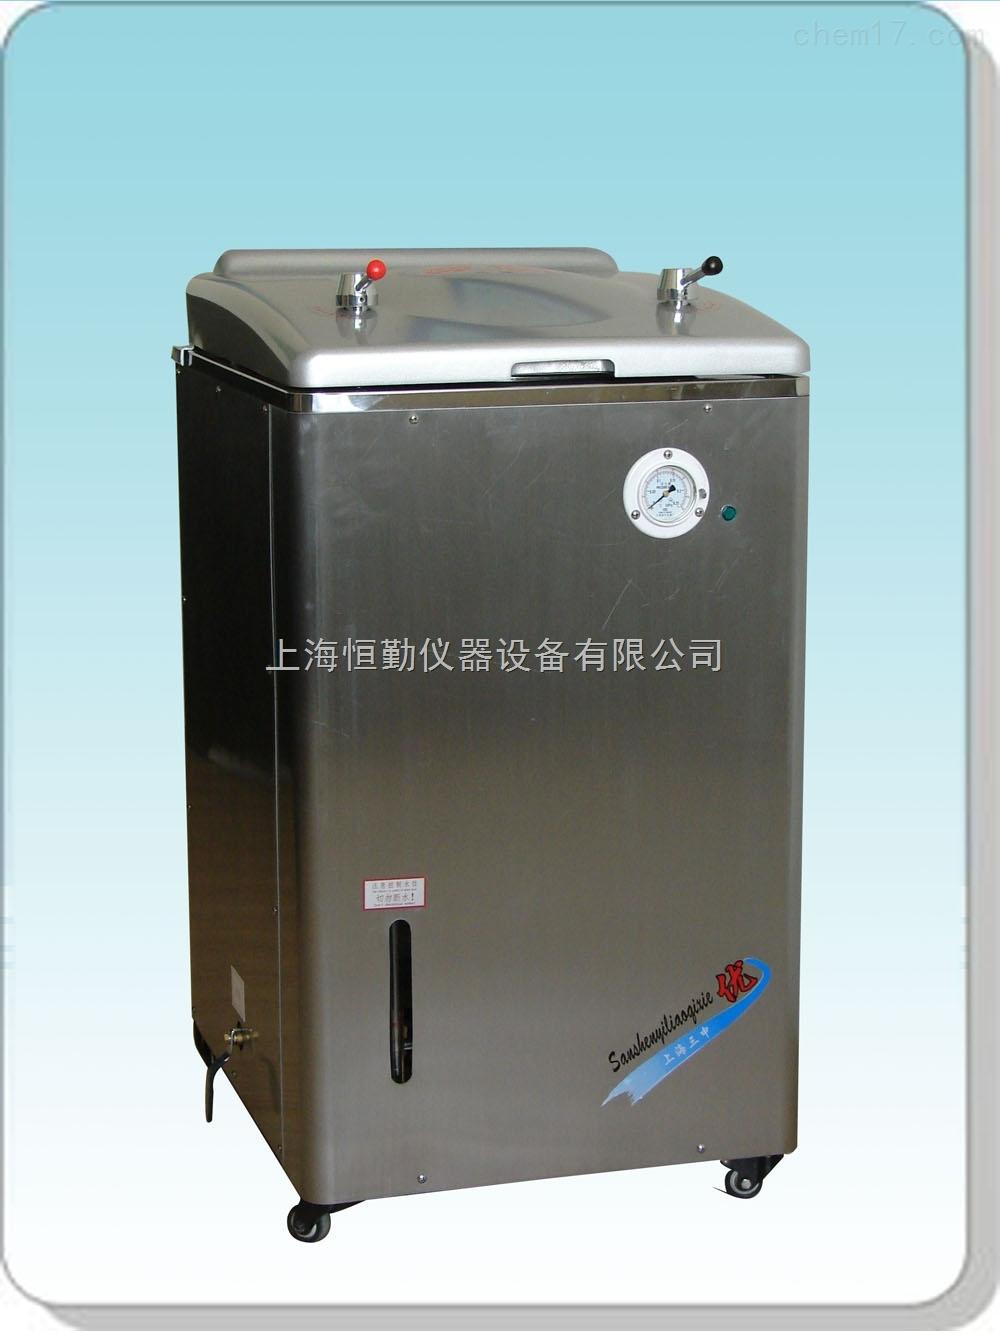 不锈钢立式蒸汽灭菌器YM75A(YX-450A)